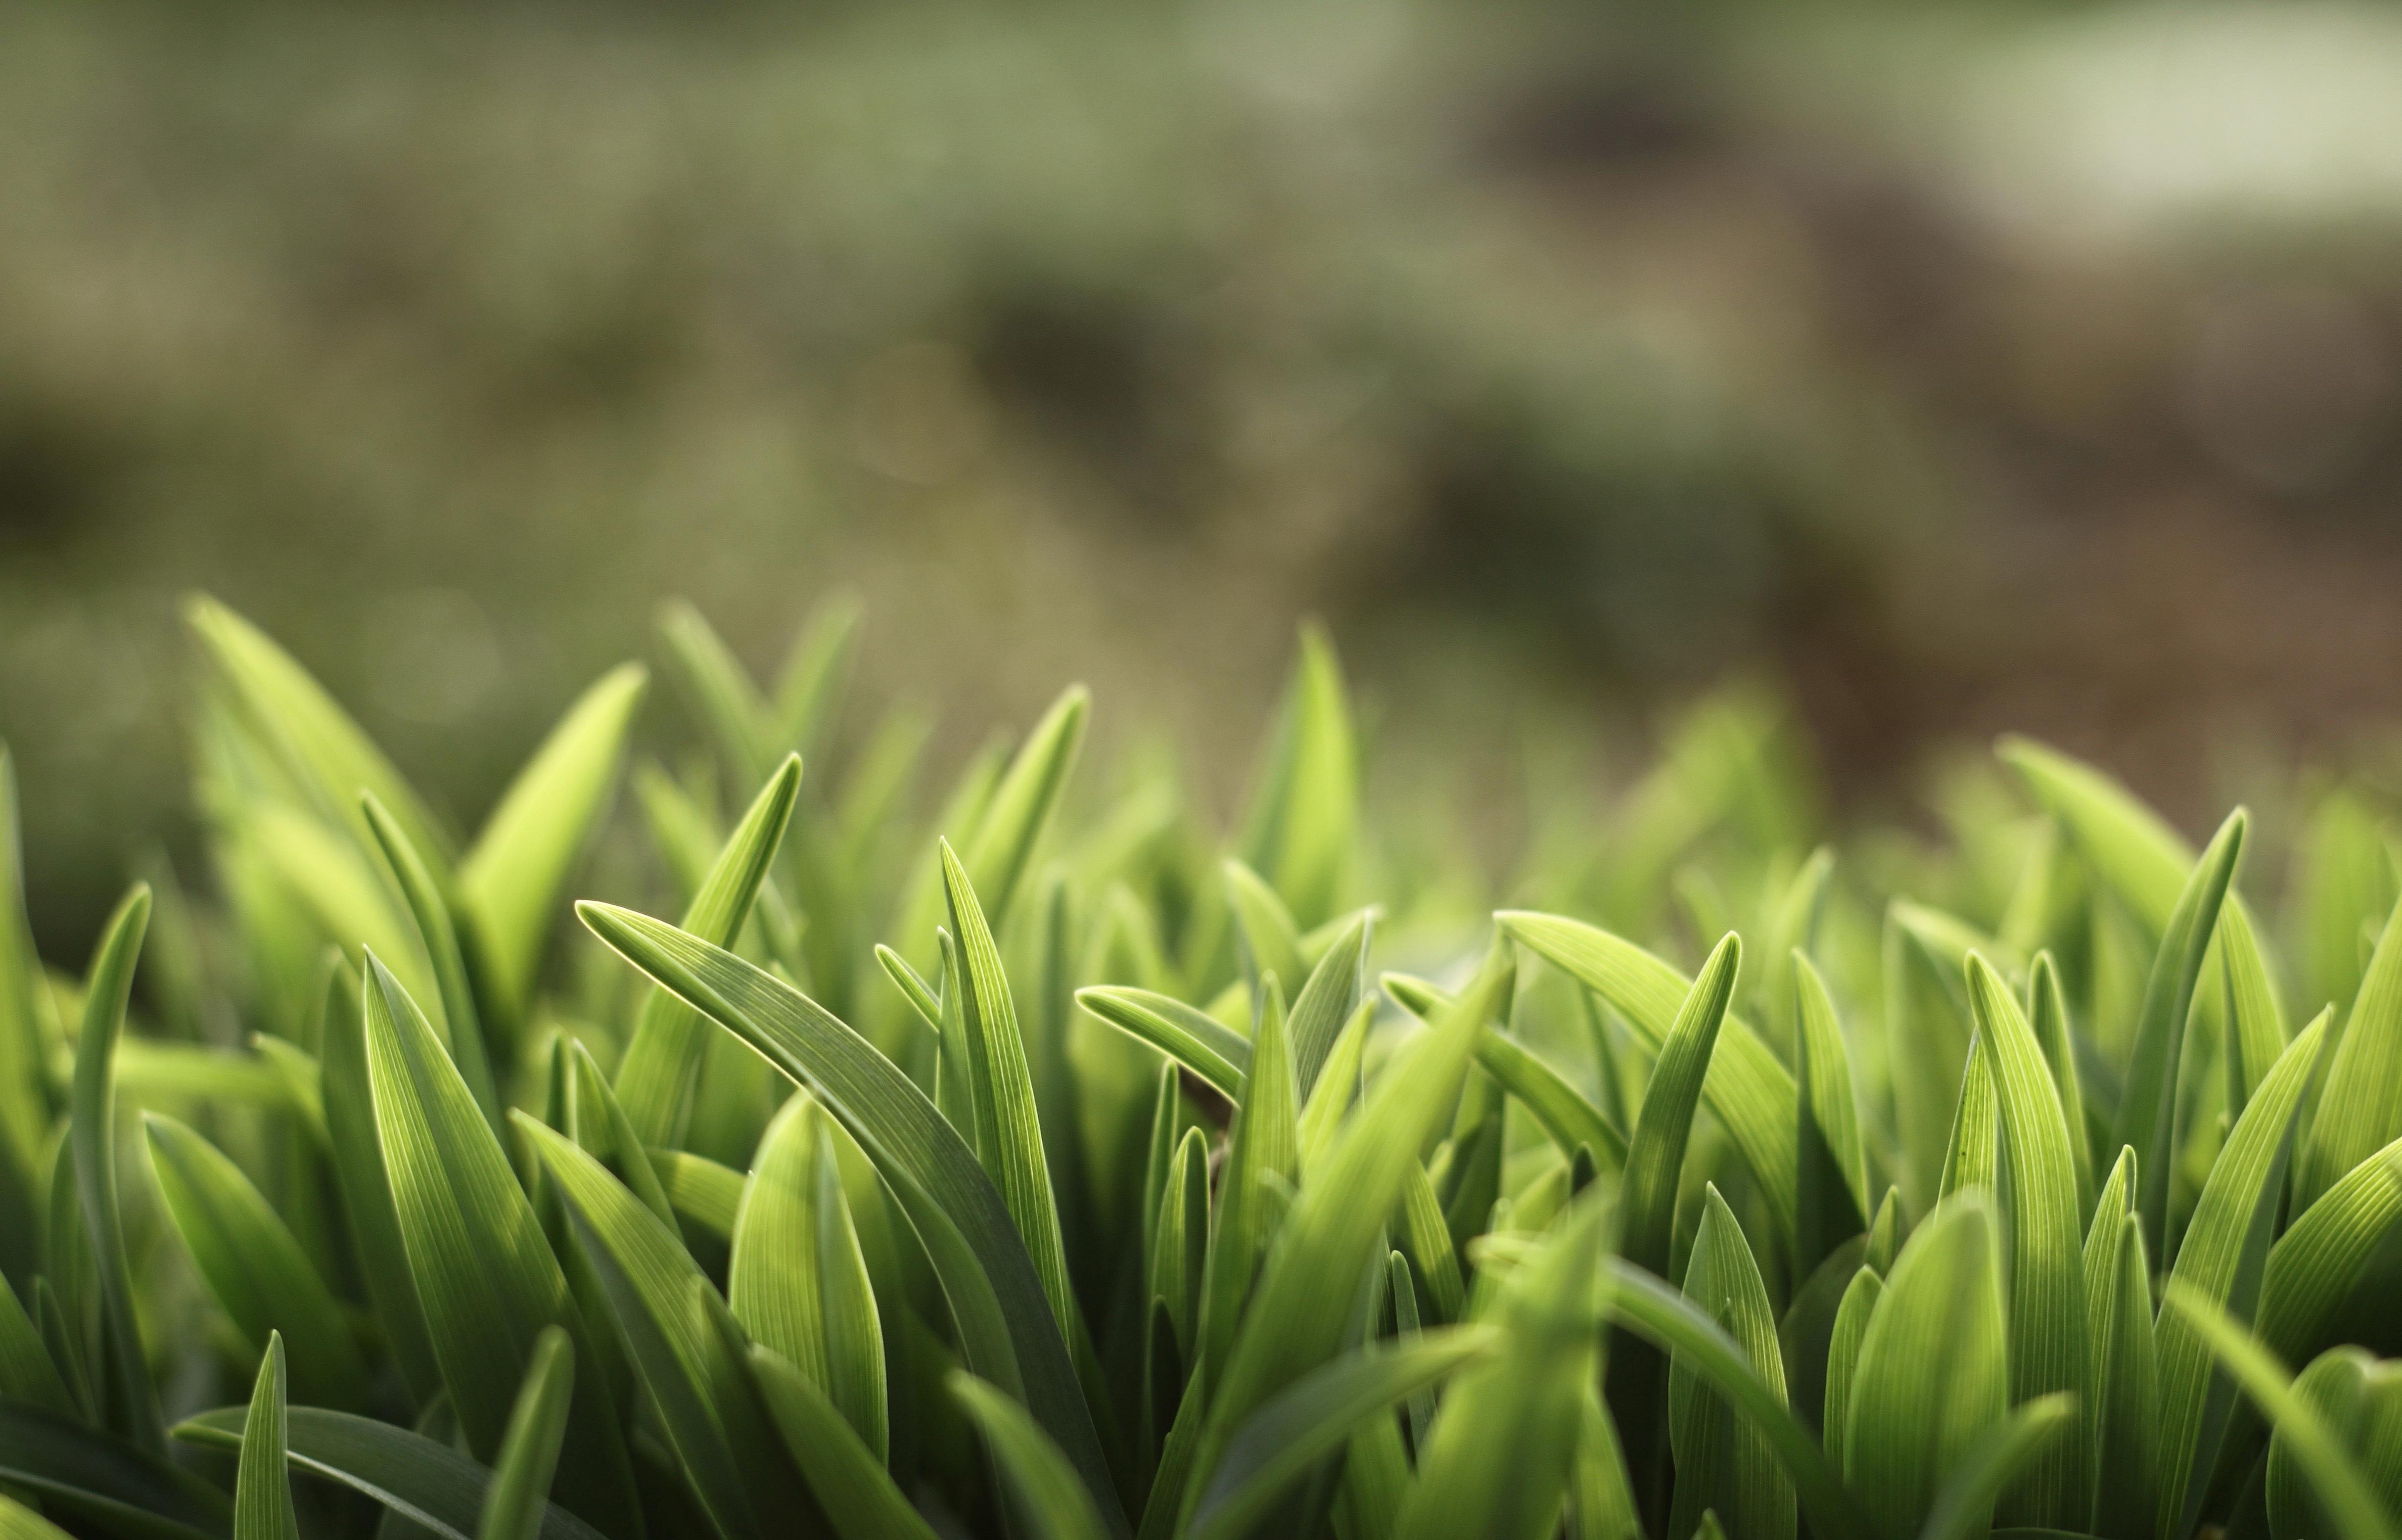 green grass background - HD1920×1080